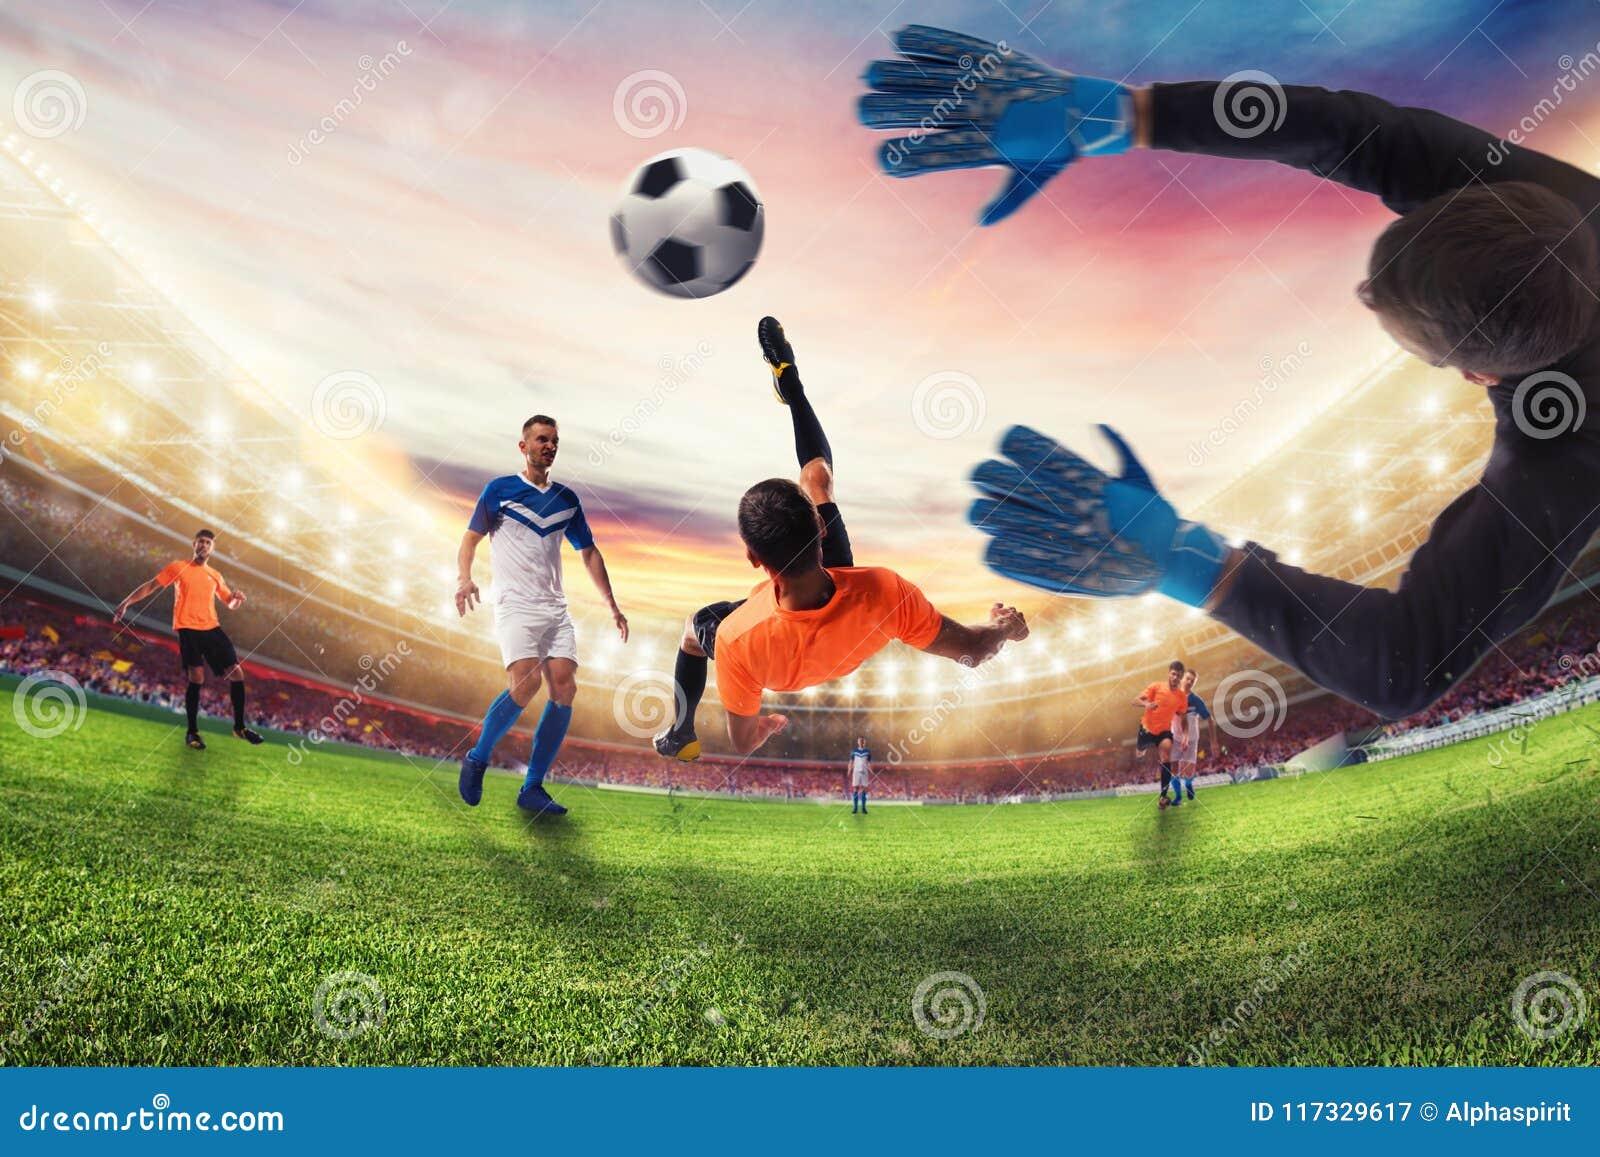 El huelguista del fútbol golpea la bola con un retroceso de bicicleta acrobático representación 3d